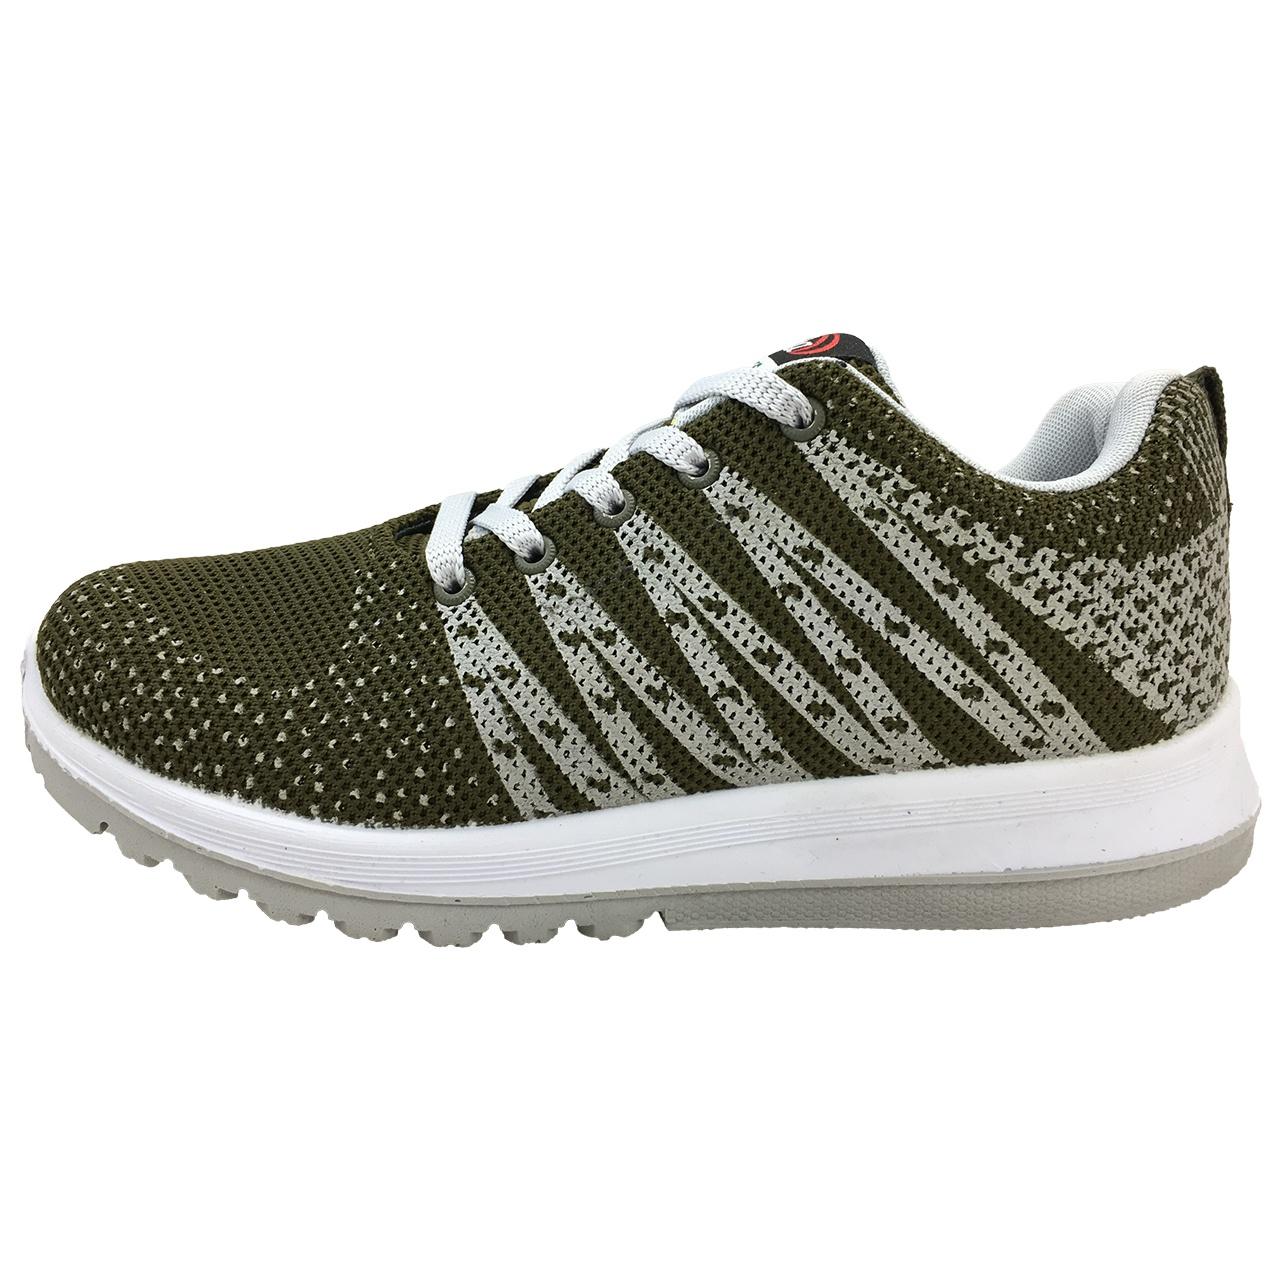 کفش مخصوص پیاده روی زنانه رها مدل ونیز کد 2657